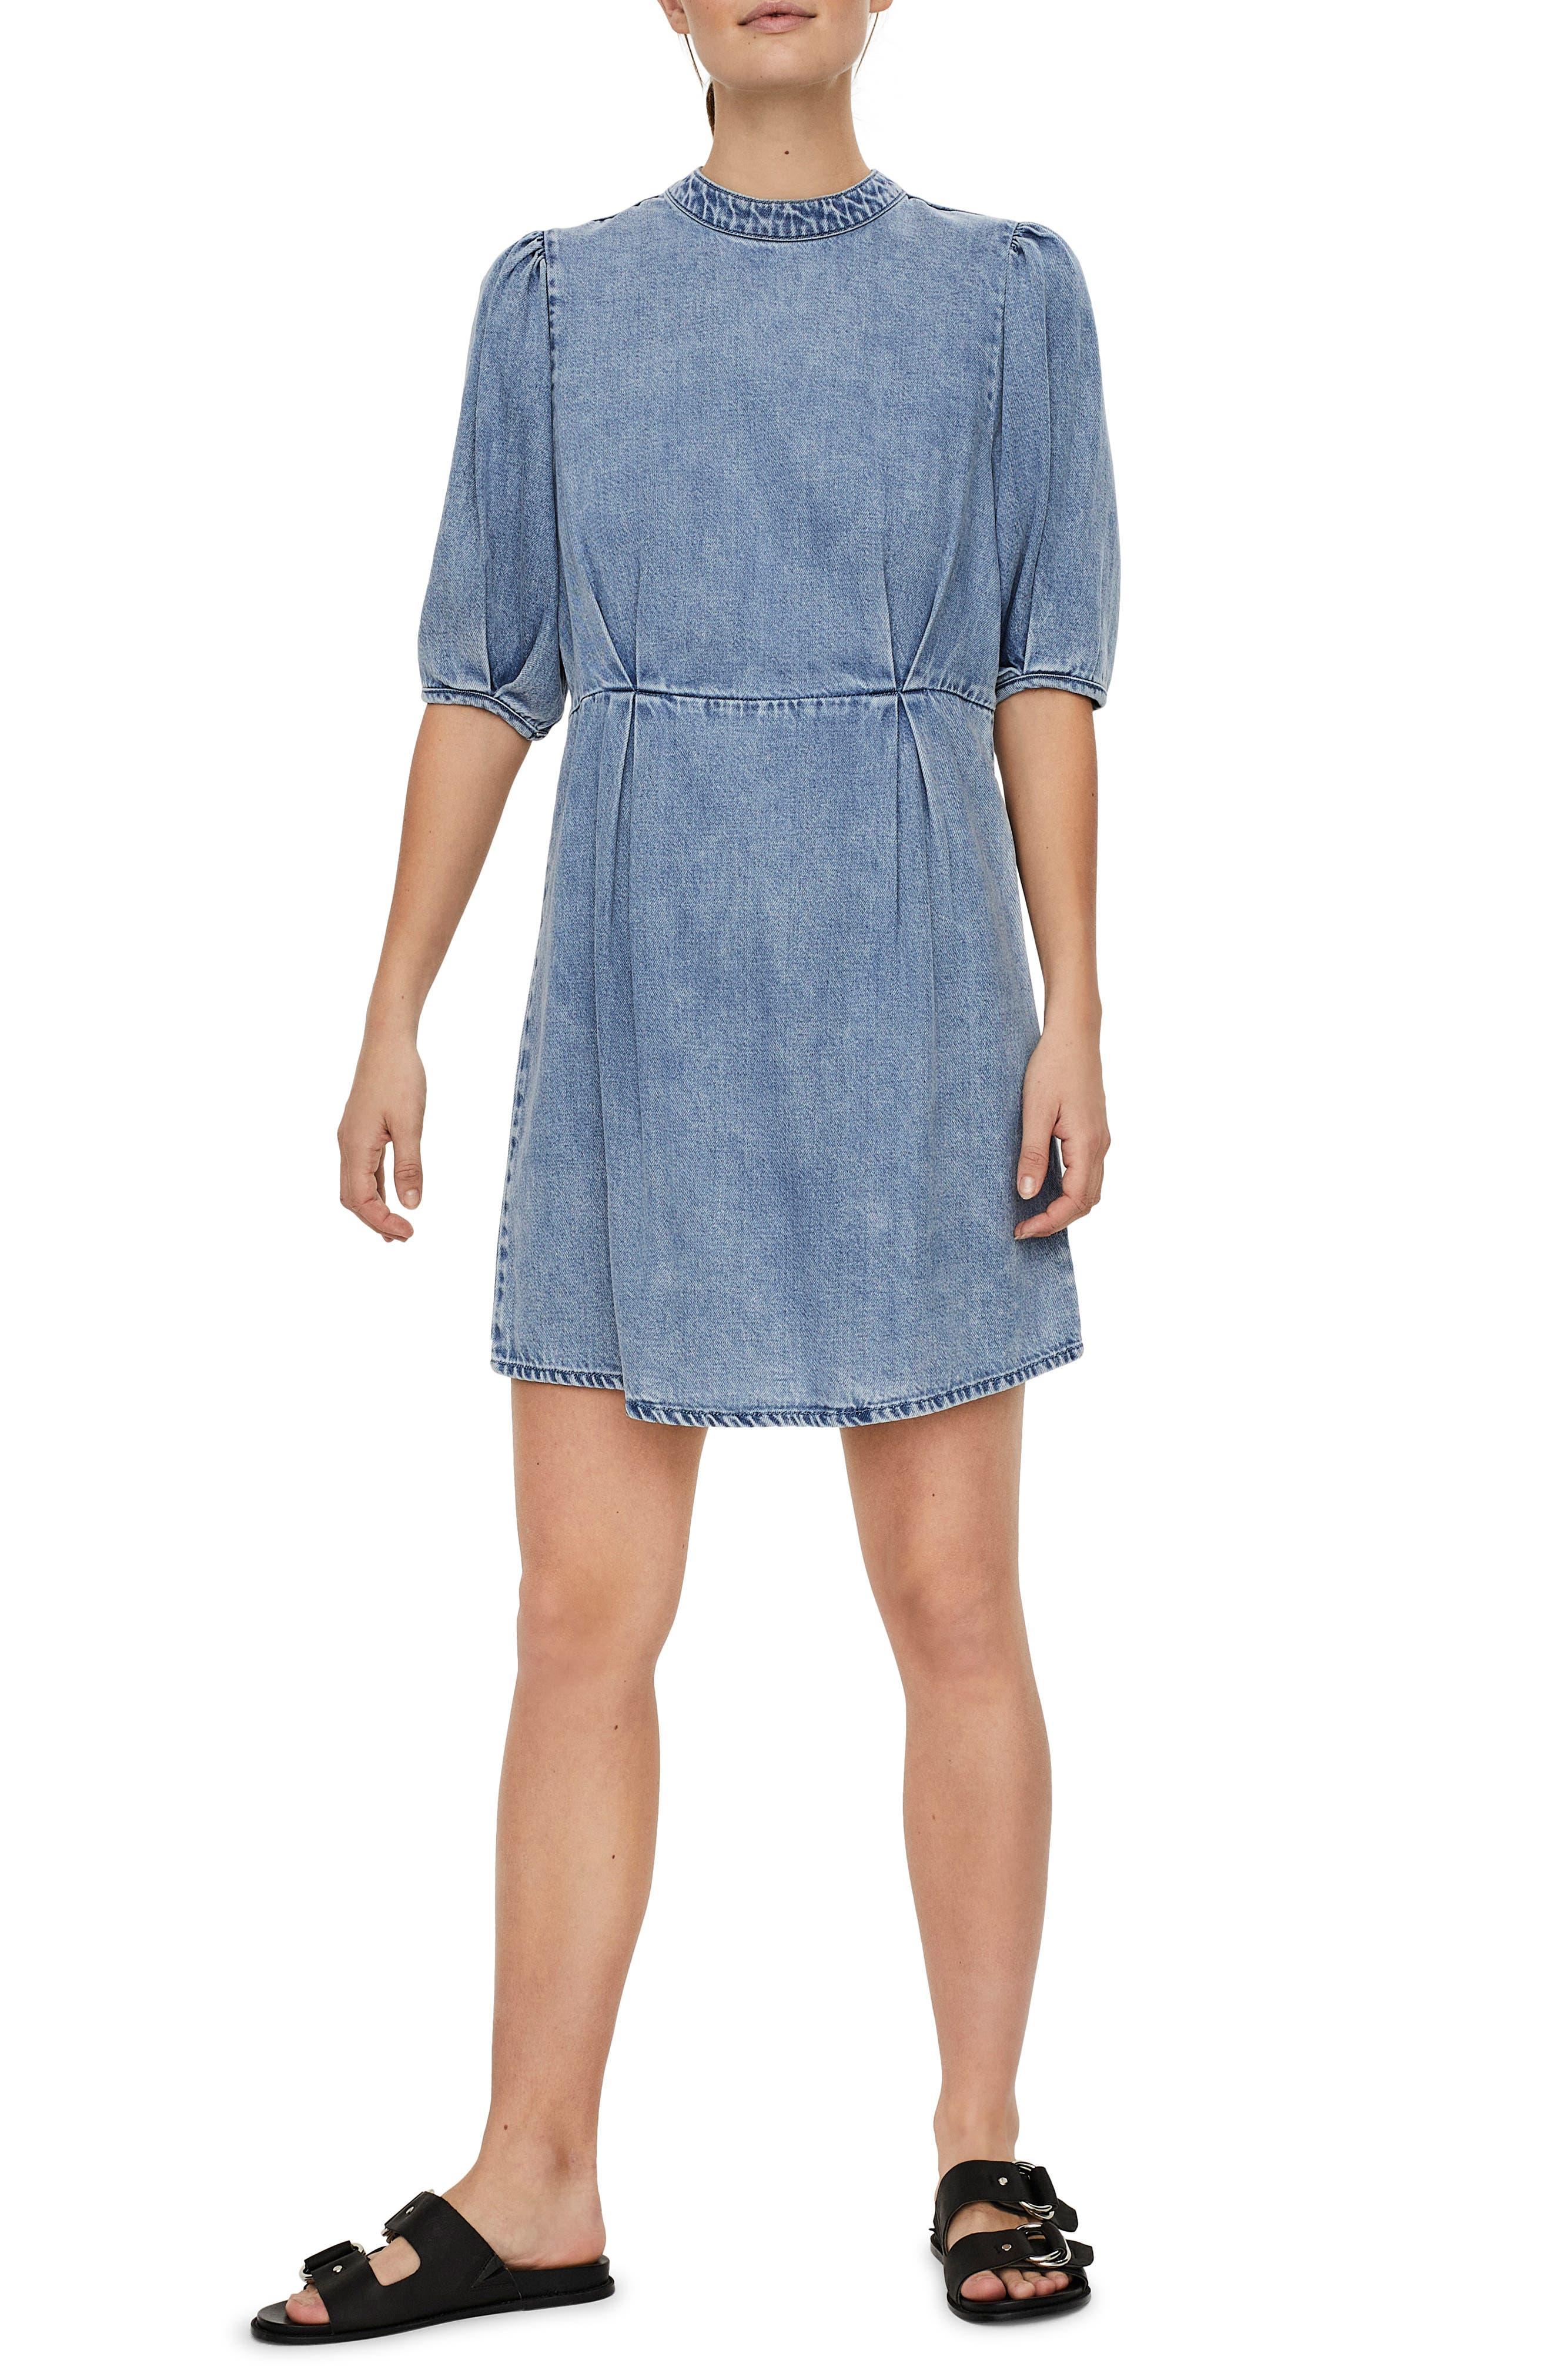 Berta Puff Sleeve Chambray Dress